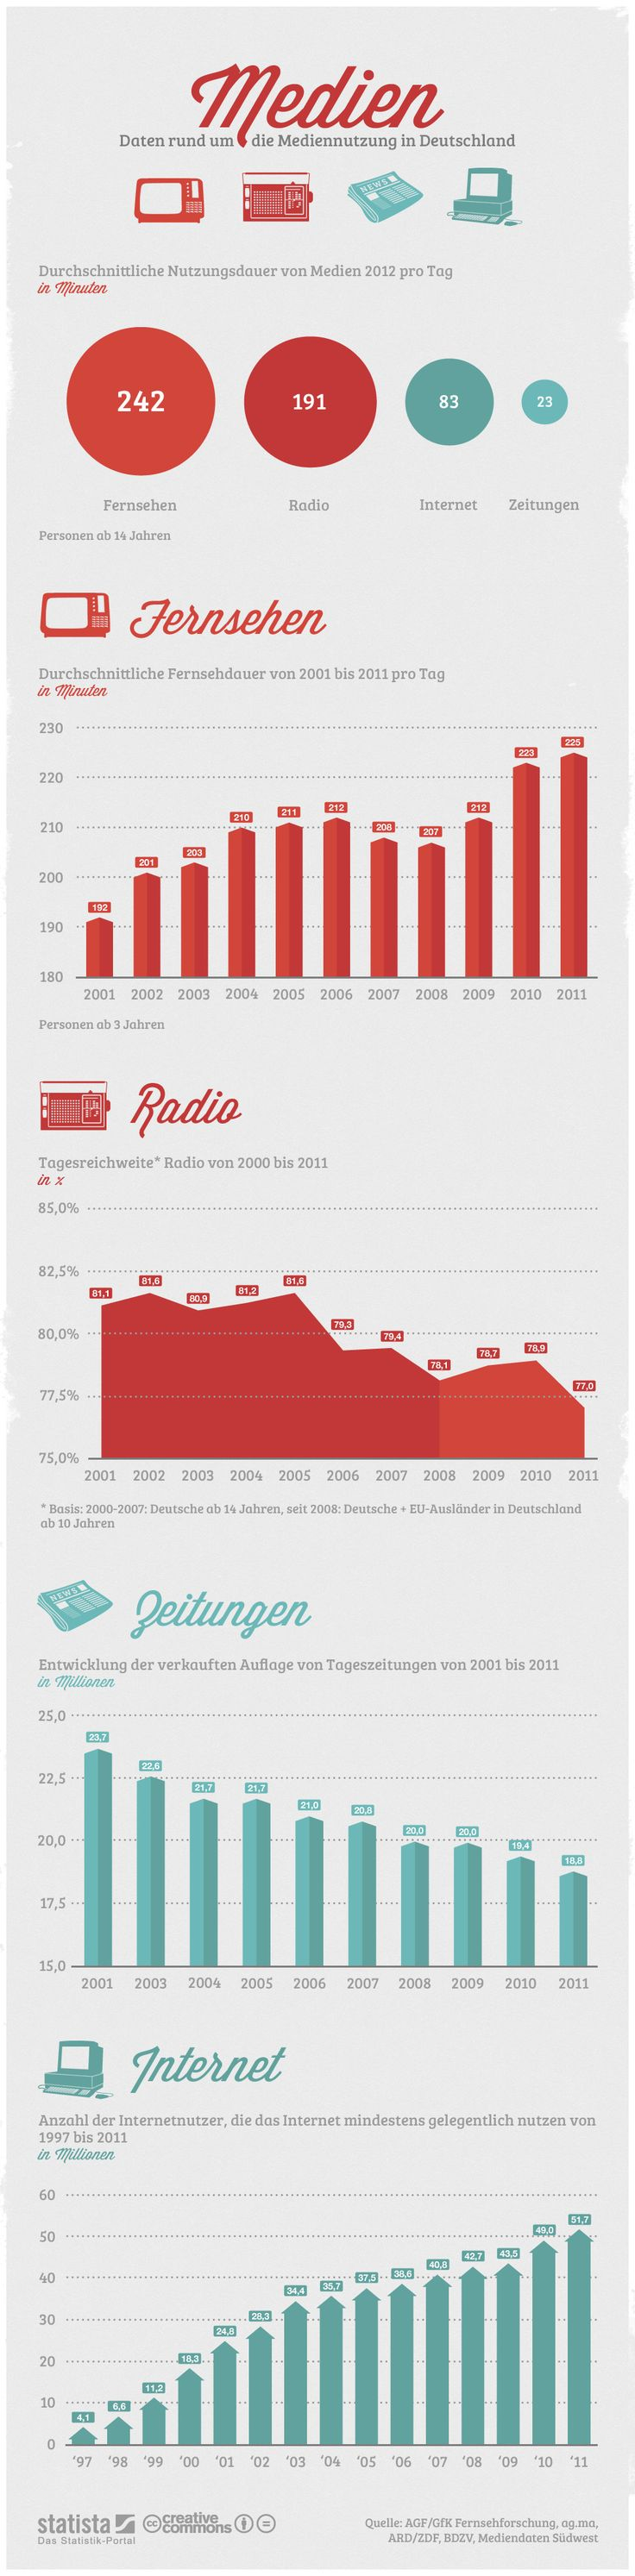 Mediennutzung in Deutschland | Infografik von Statista :: bei Vergleichen beachten, dass die Charts abweichende Wertebereiche und Nullpunkte haben ;)